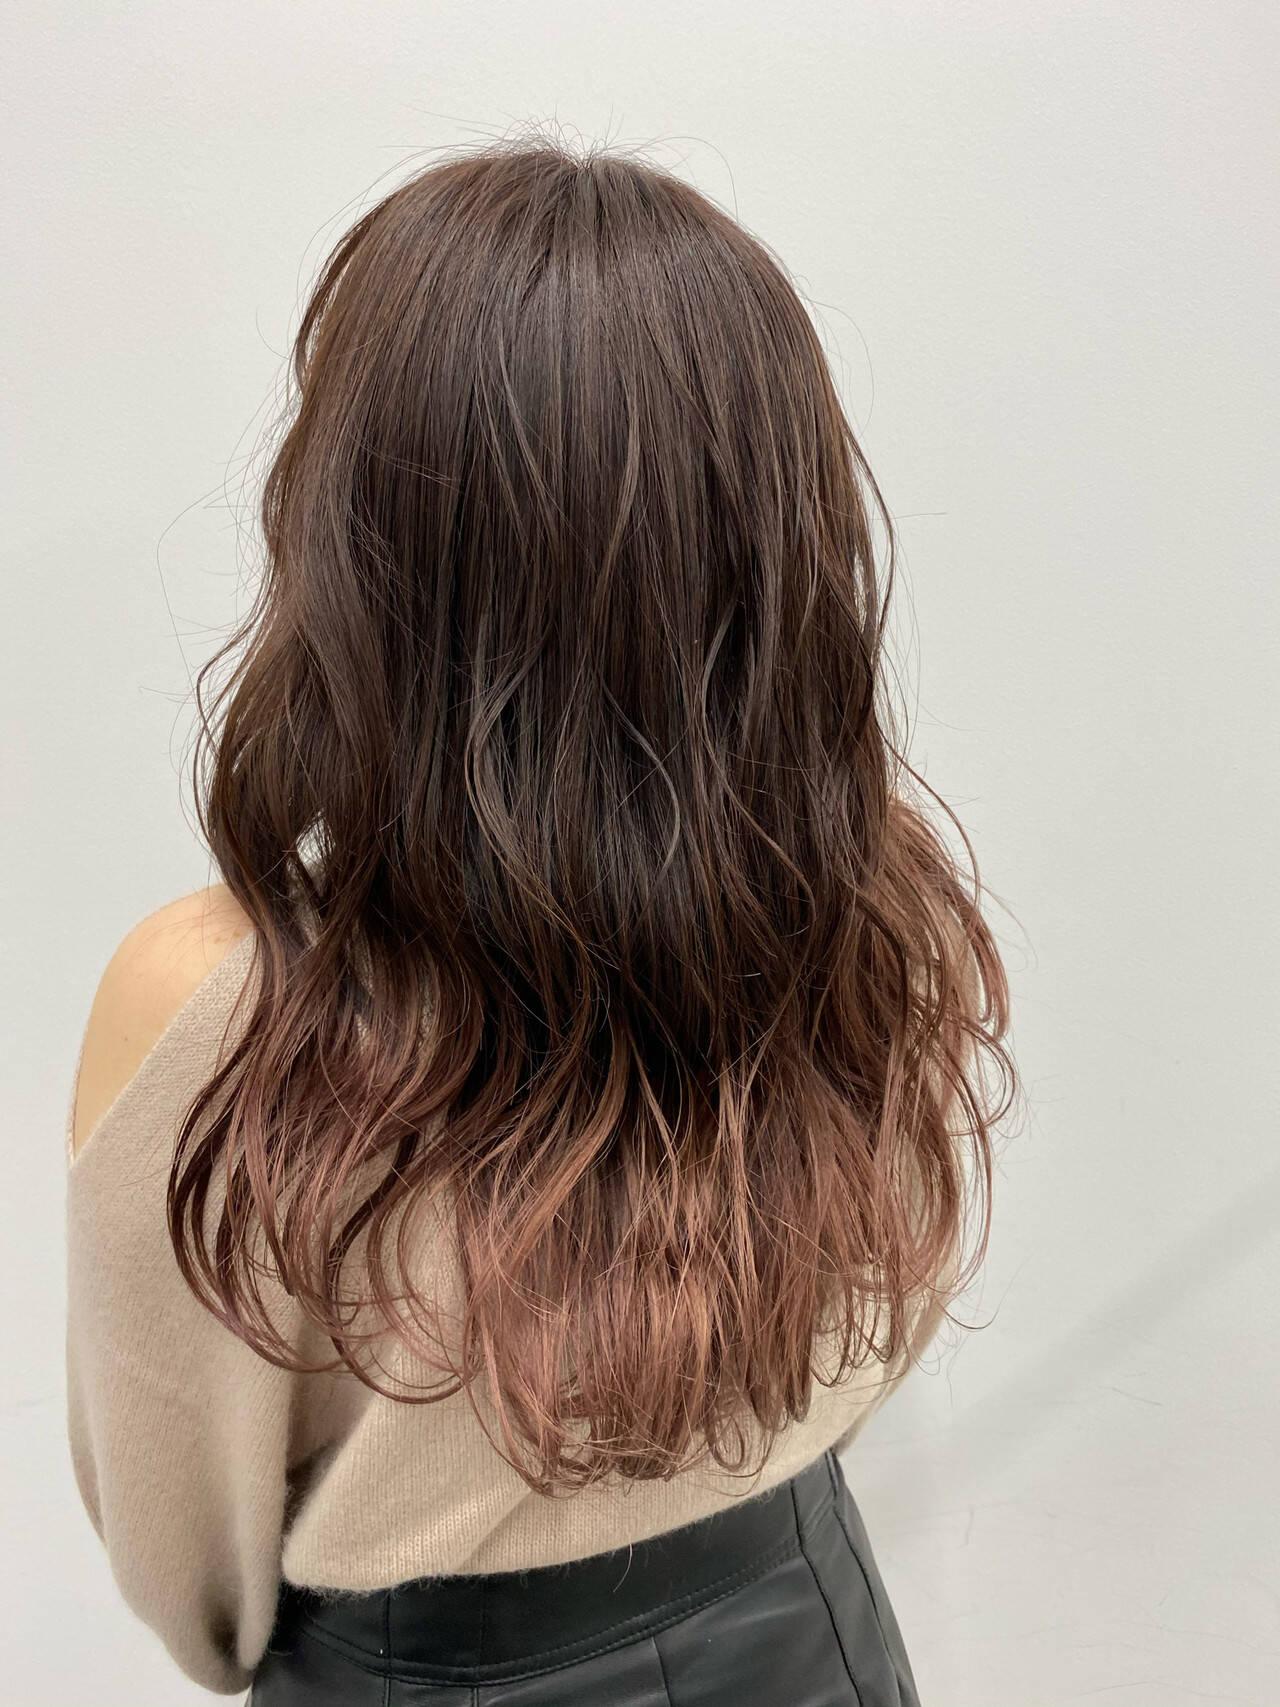 春ヘア フェミニン ピンクカラー グラデーションカラーヘアスタイルや髪型の写真・画像